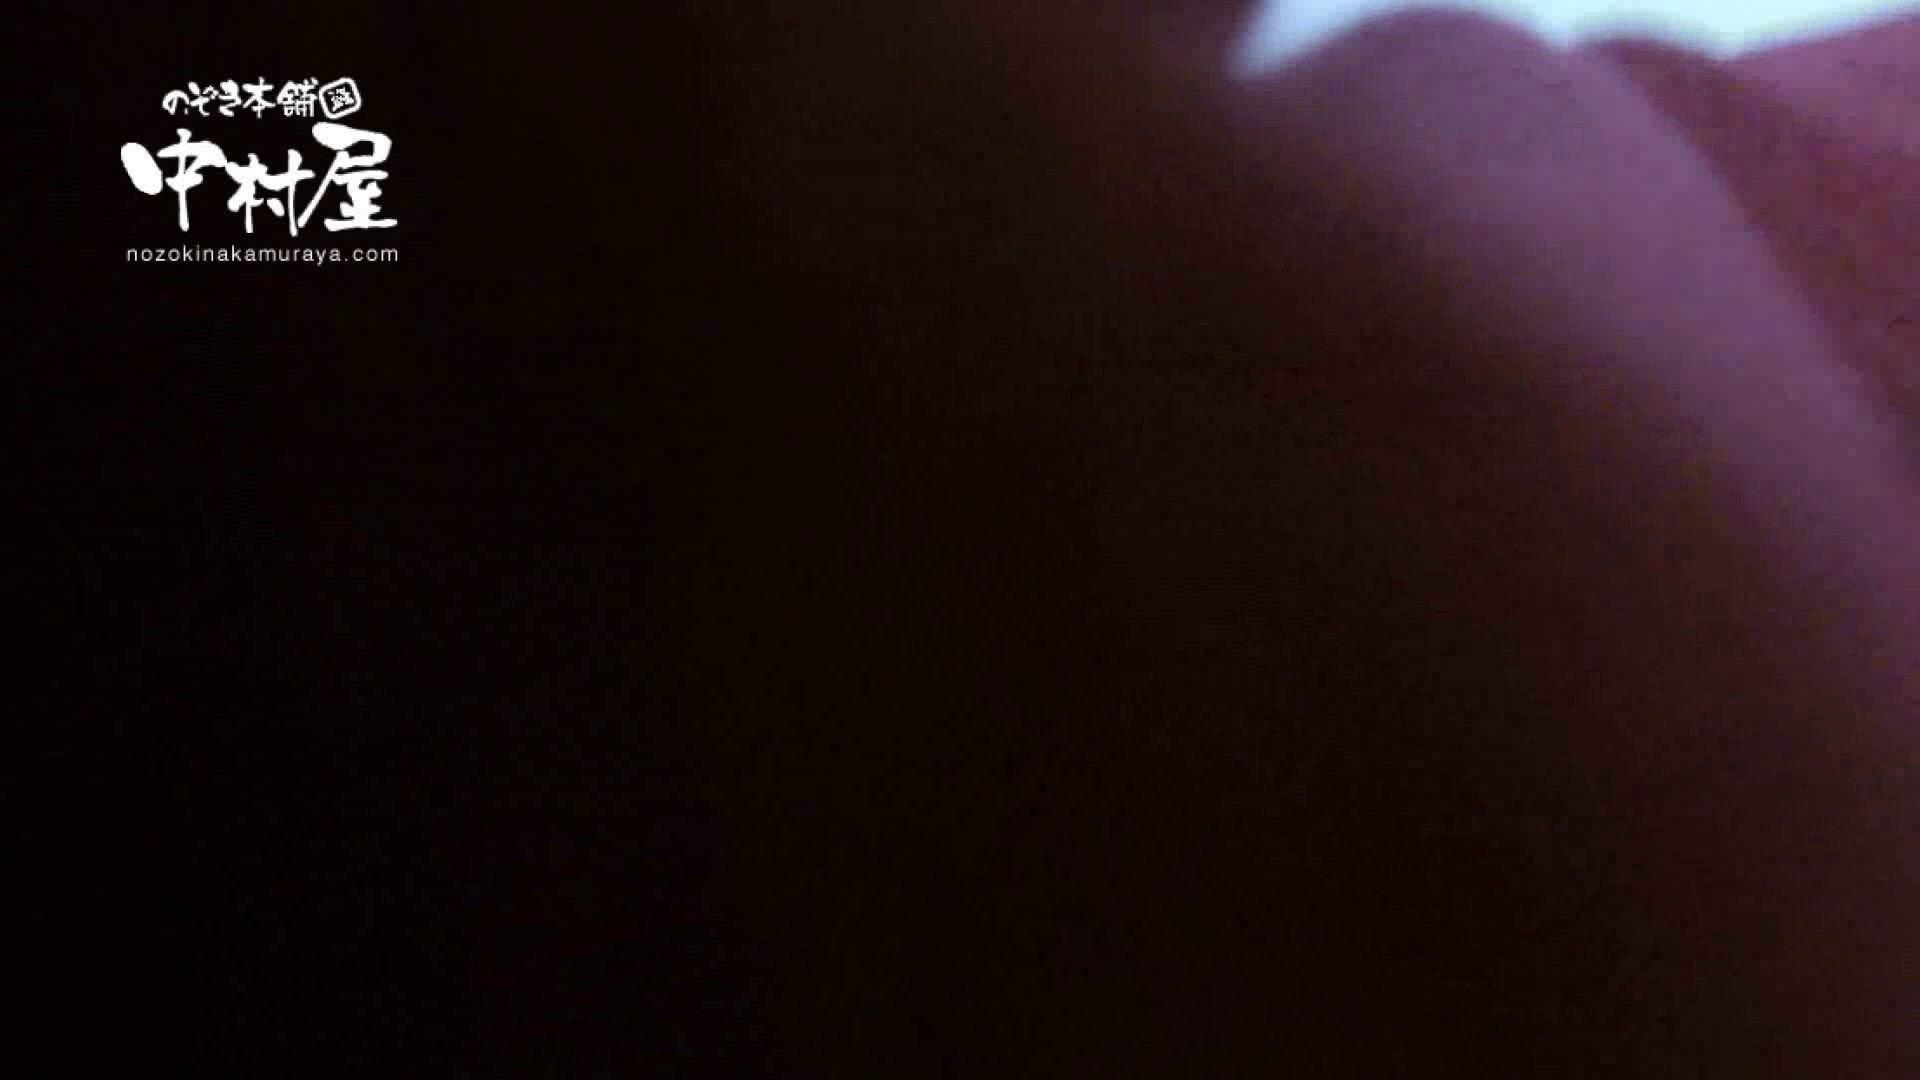 鬼畜 vol.02 もうやめて! 前編 OLの実態 | 鬼畜  24pic 15